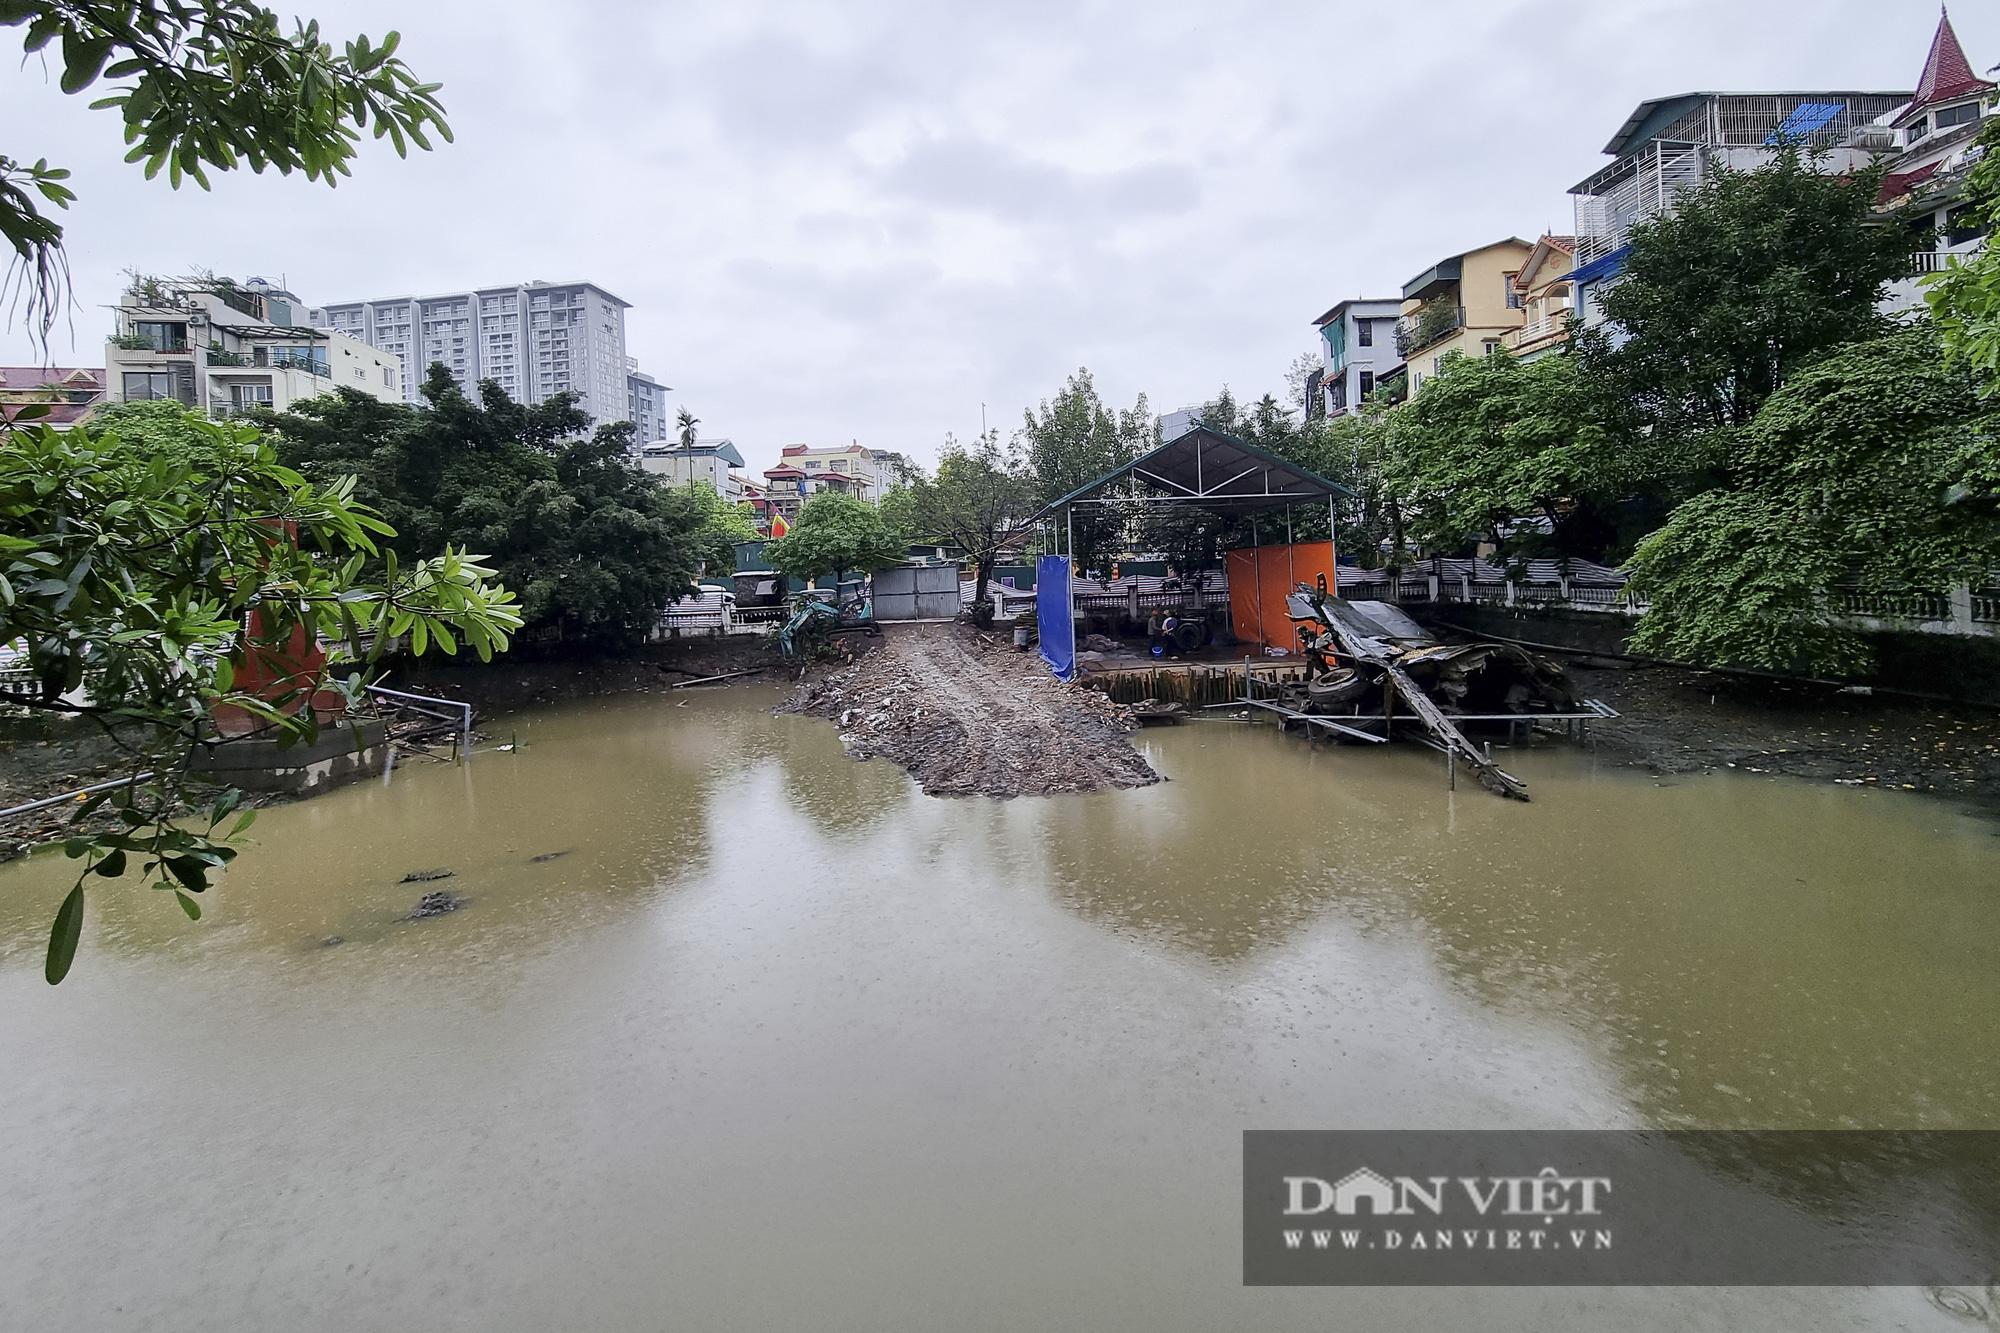 Hồ Hữu Tiệp, nơi xác máy bay B52 bị bắn rơi tại Hà Nội được tu bổ, tôn tạo - Ảnh 1.